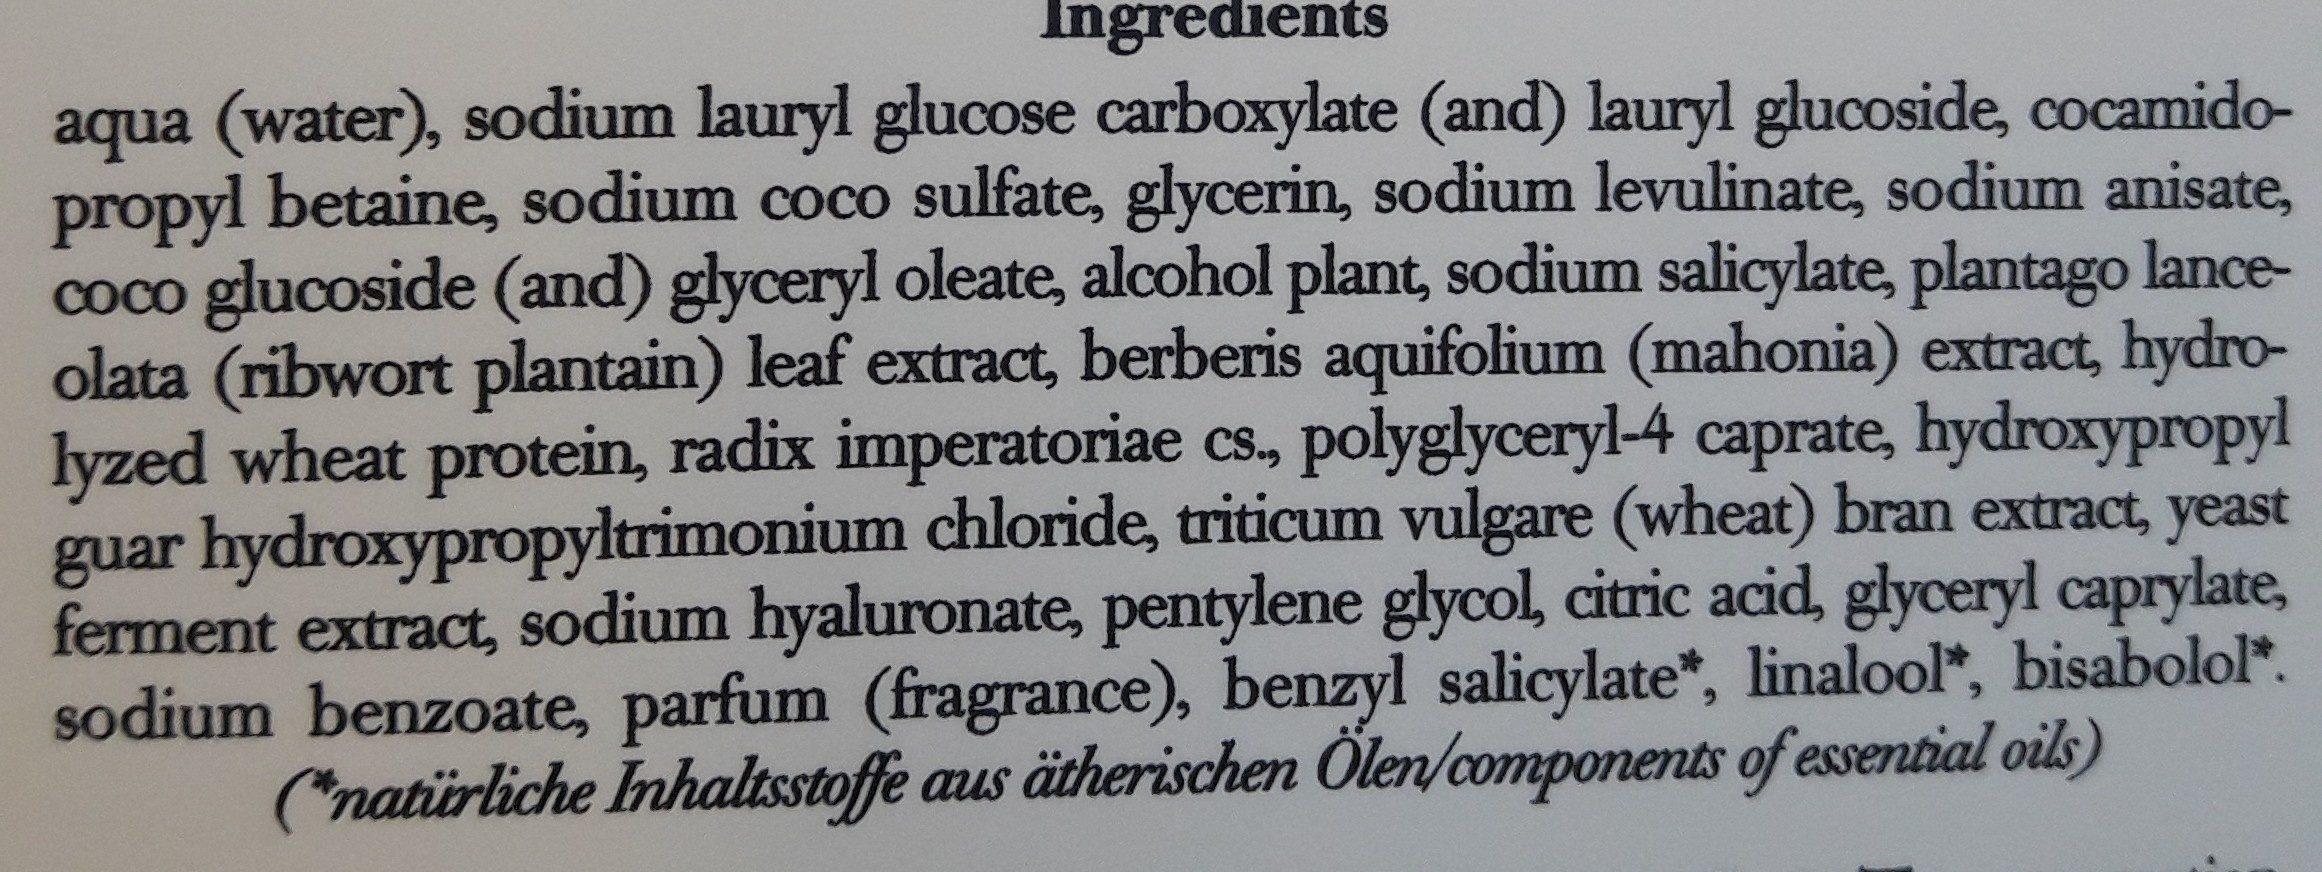 Cleaning gel - Ingredients - fr